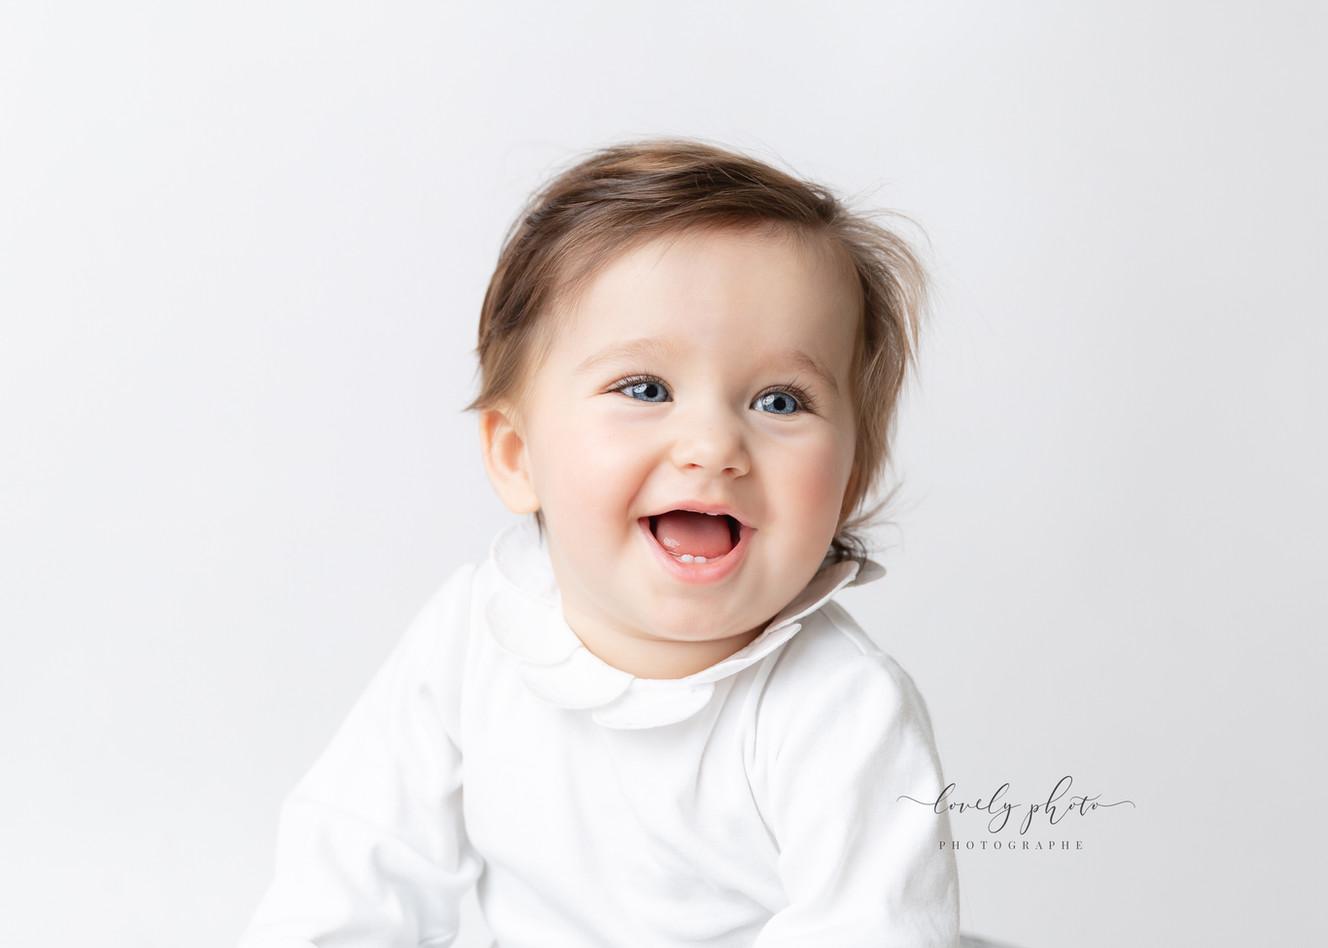 séance photo bébé lausanne